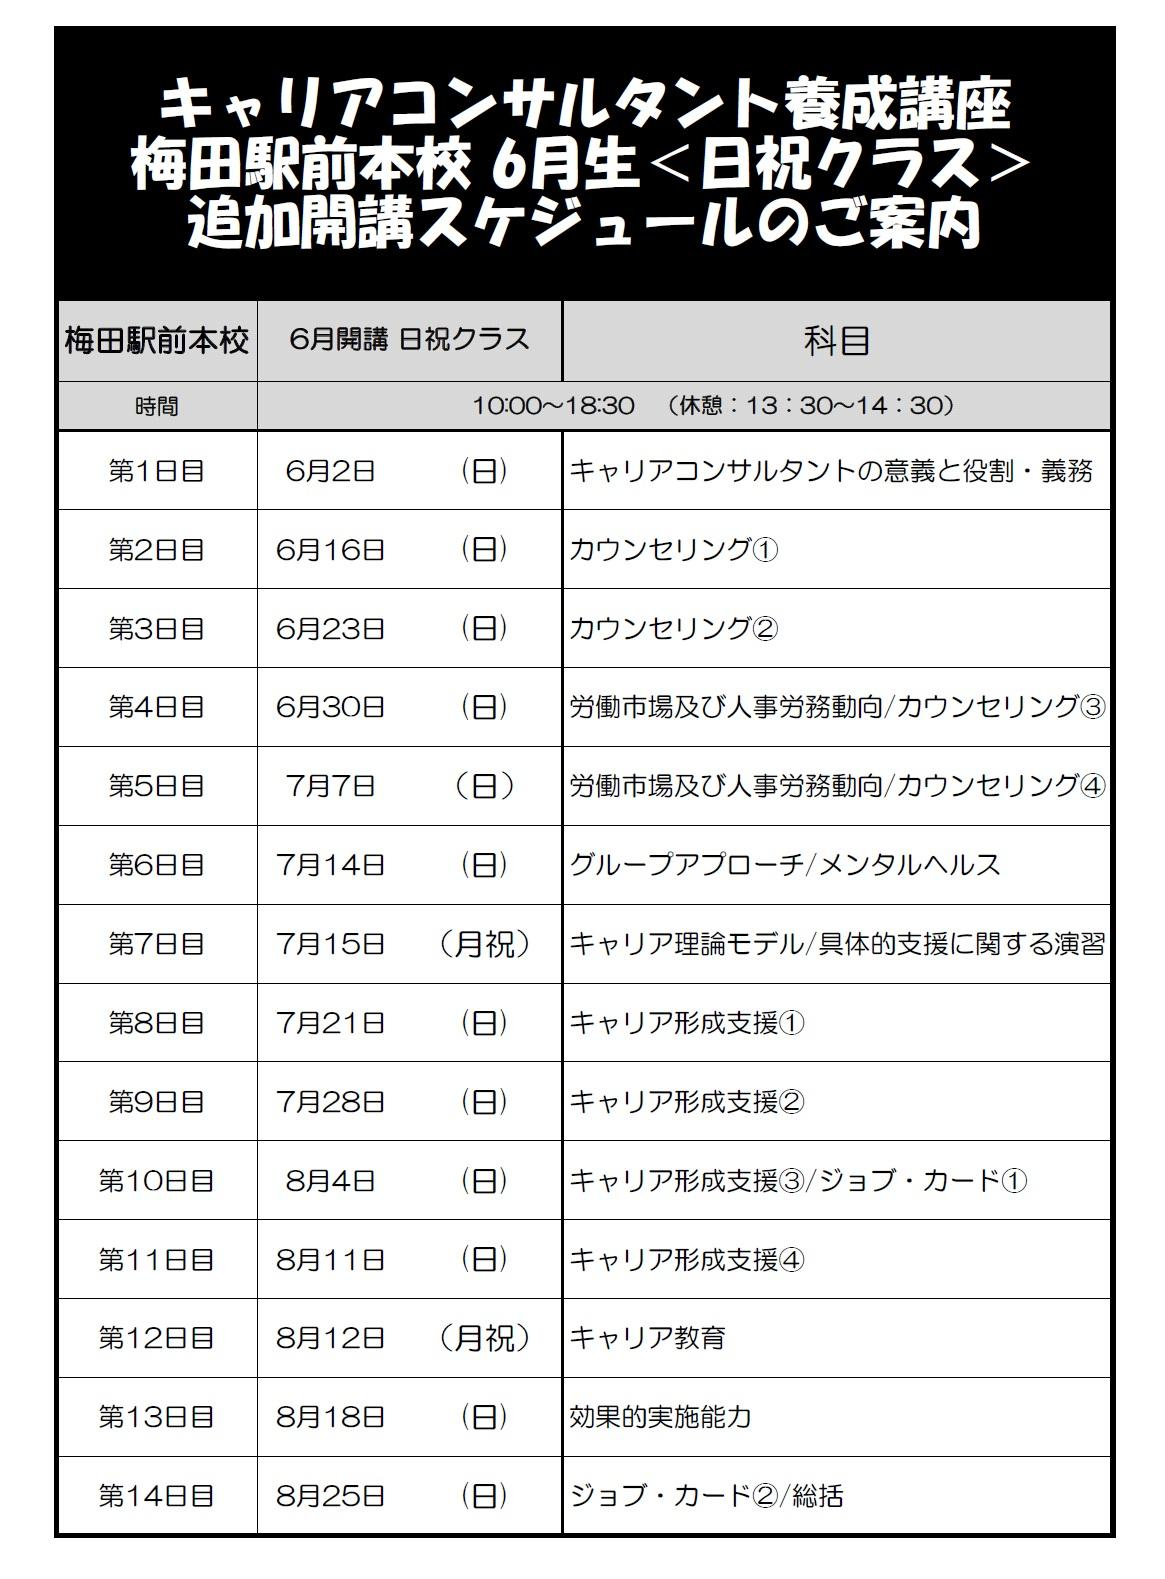 キャリアコンサルタント養成講座 梅田駅前本校 6月生追加